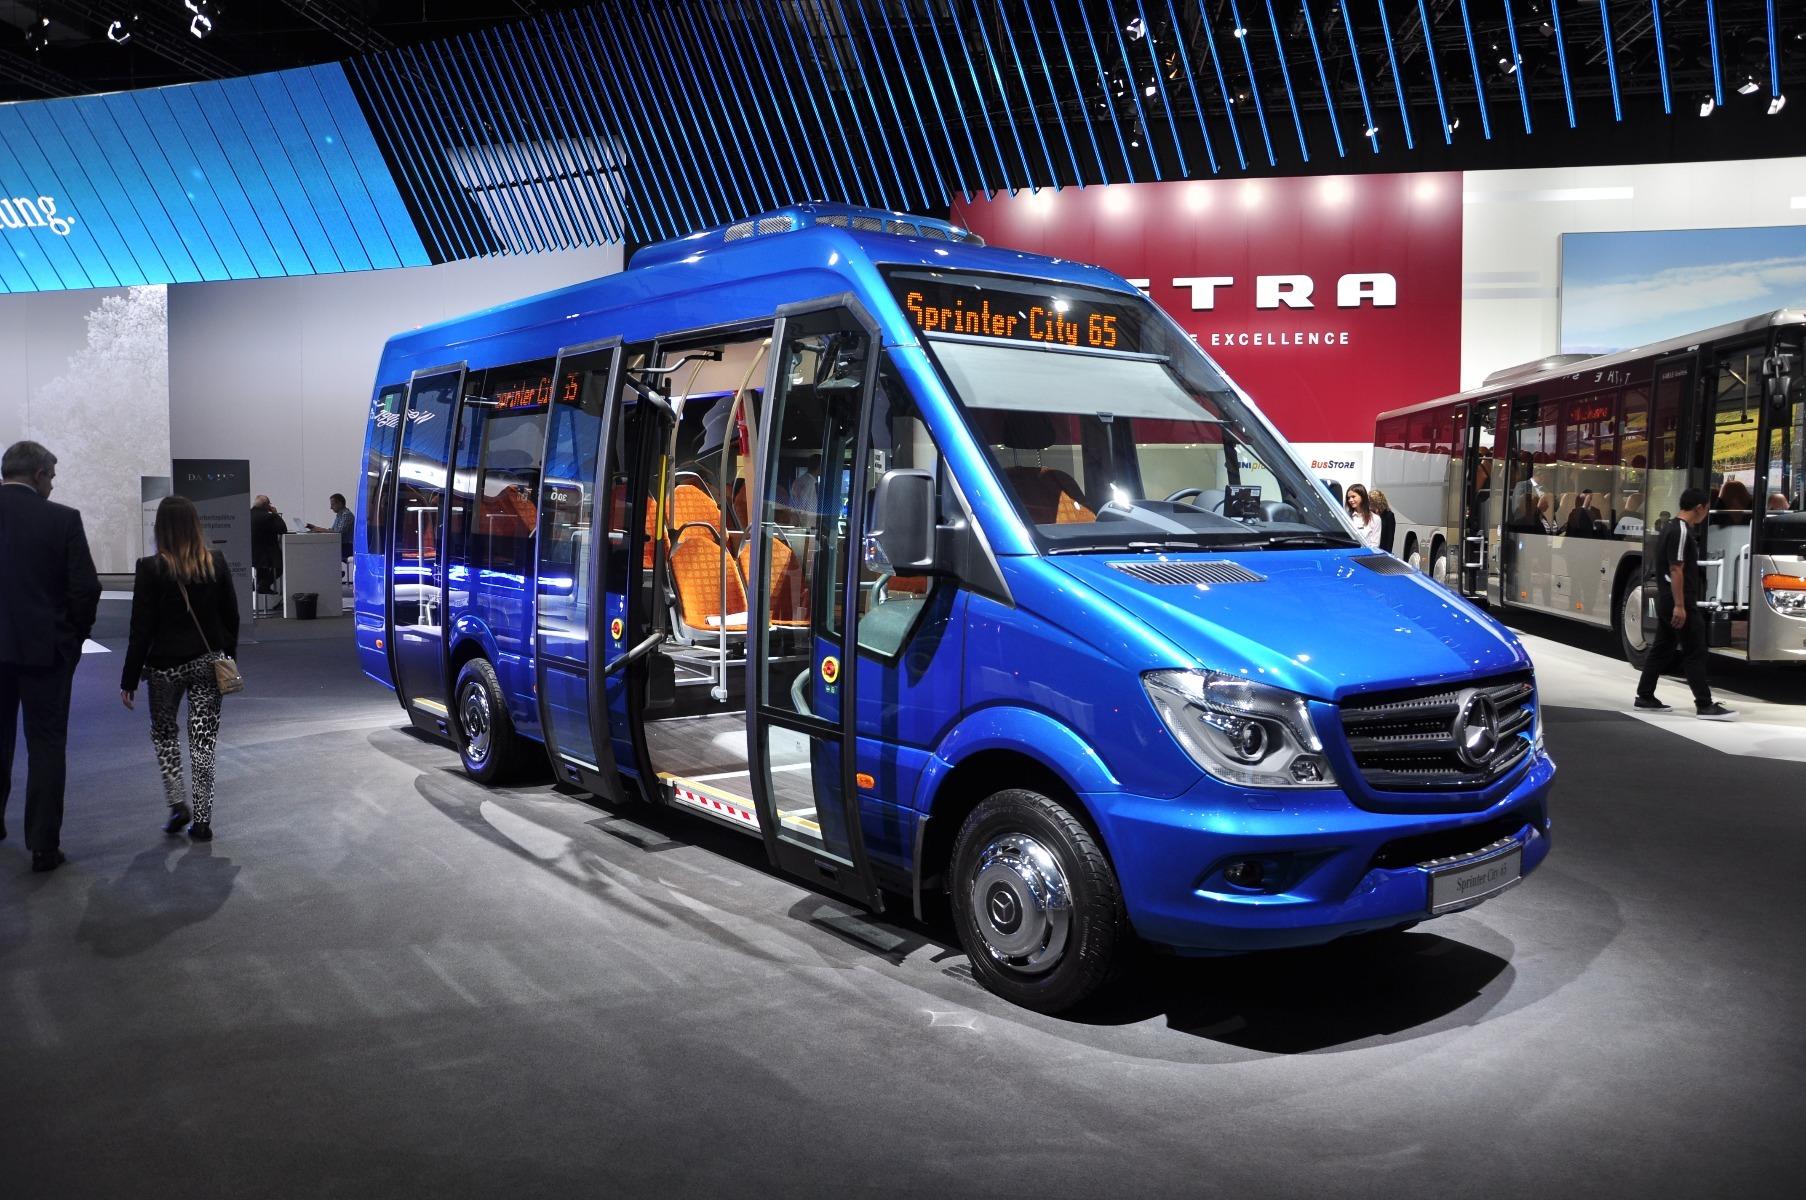 A Mercedes-Benz Sprinter City 65 modellben kerekesszékes helyet alakítottak ki, az új retardere pedig 15 százalékkal kisebb tömegű